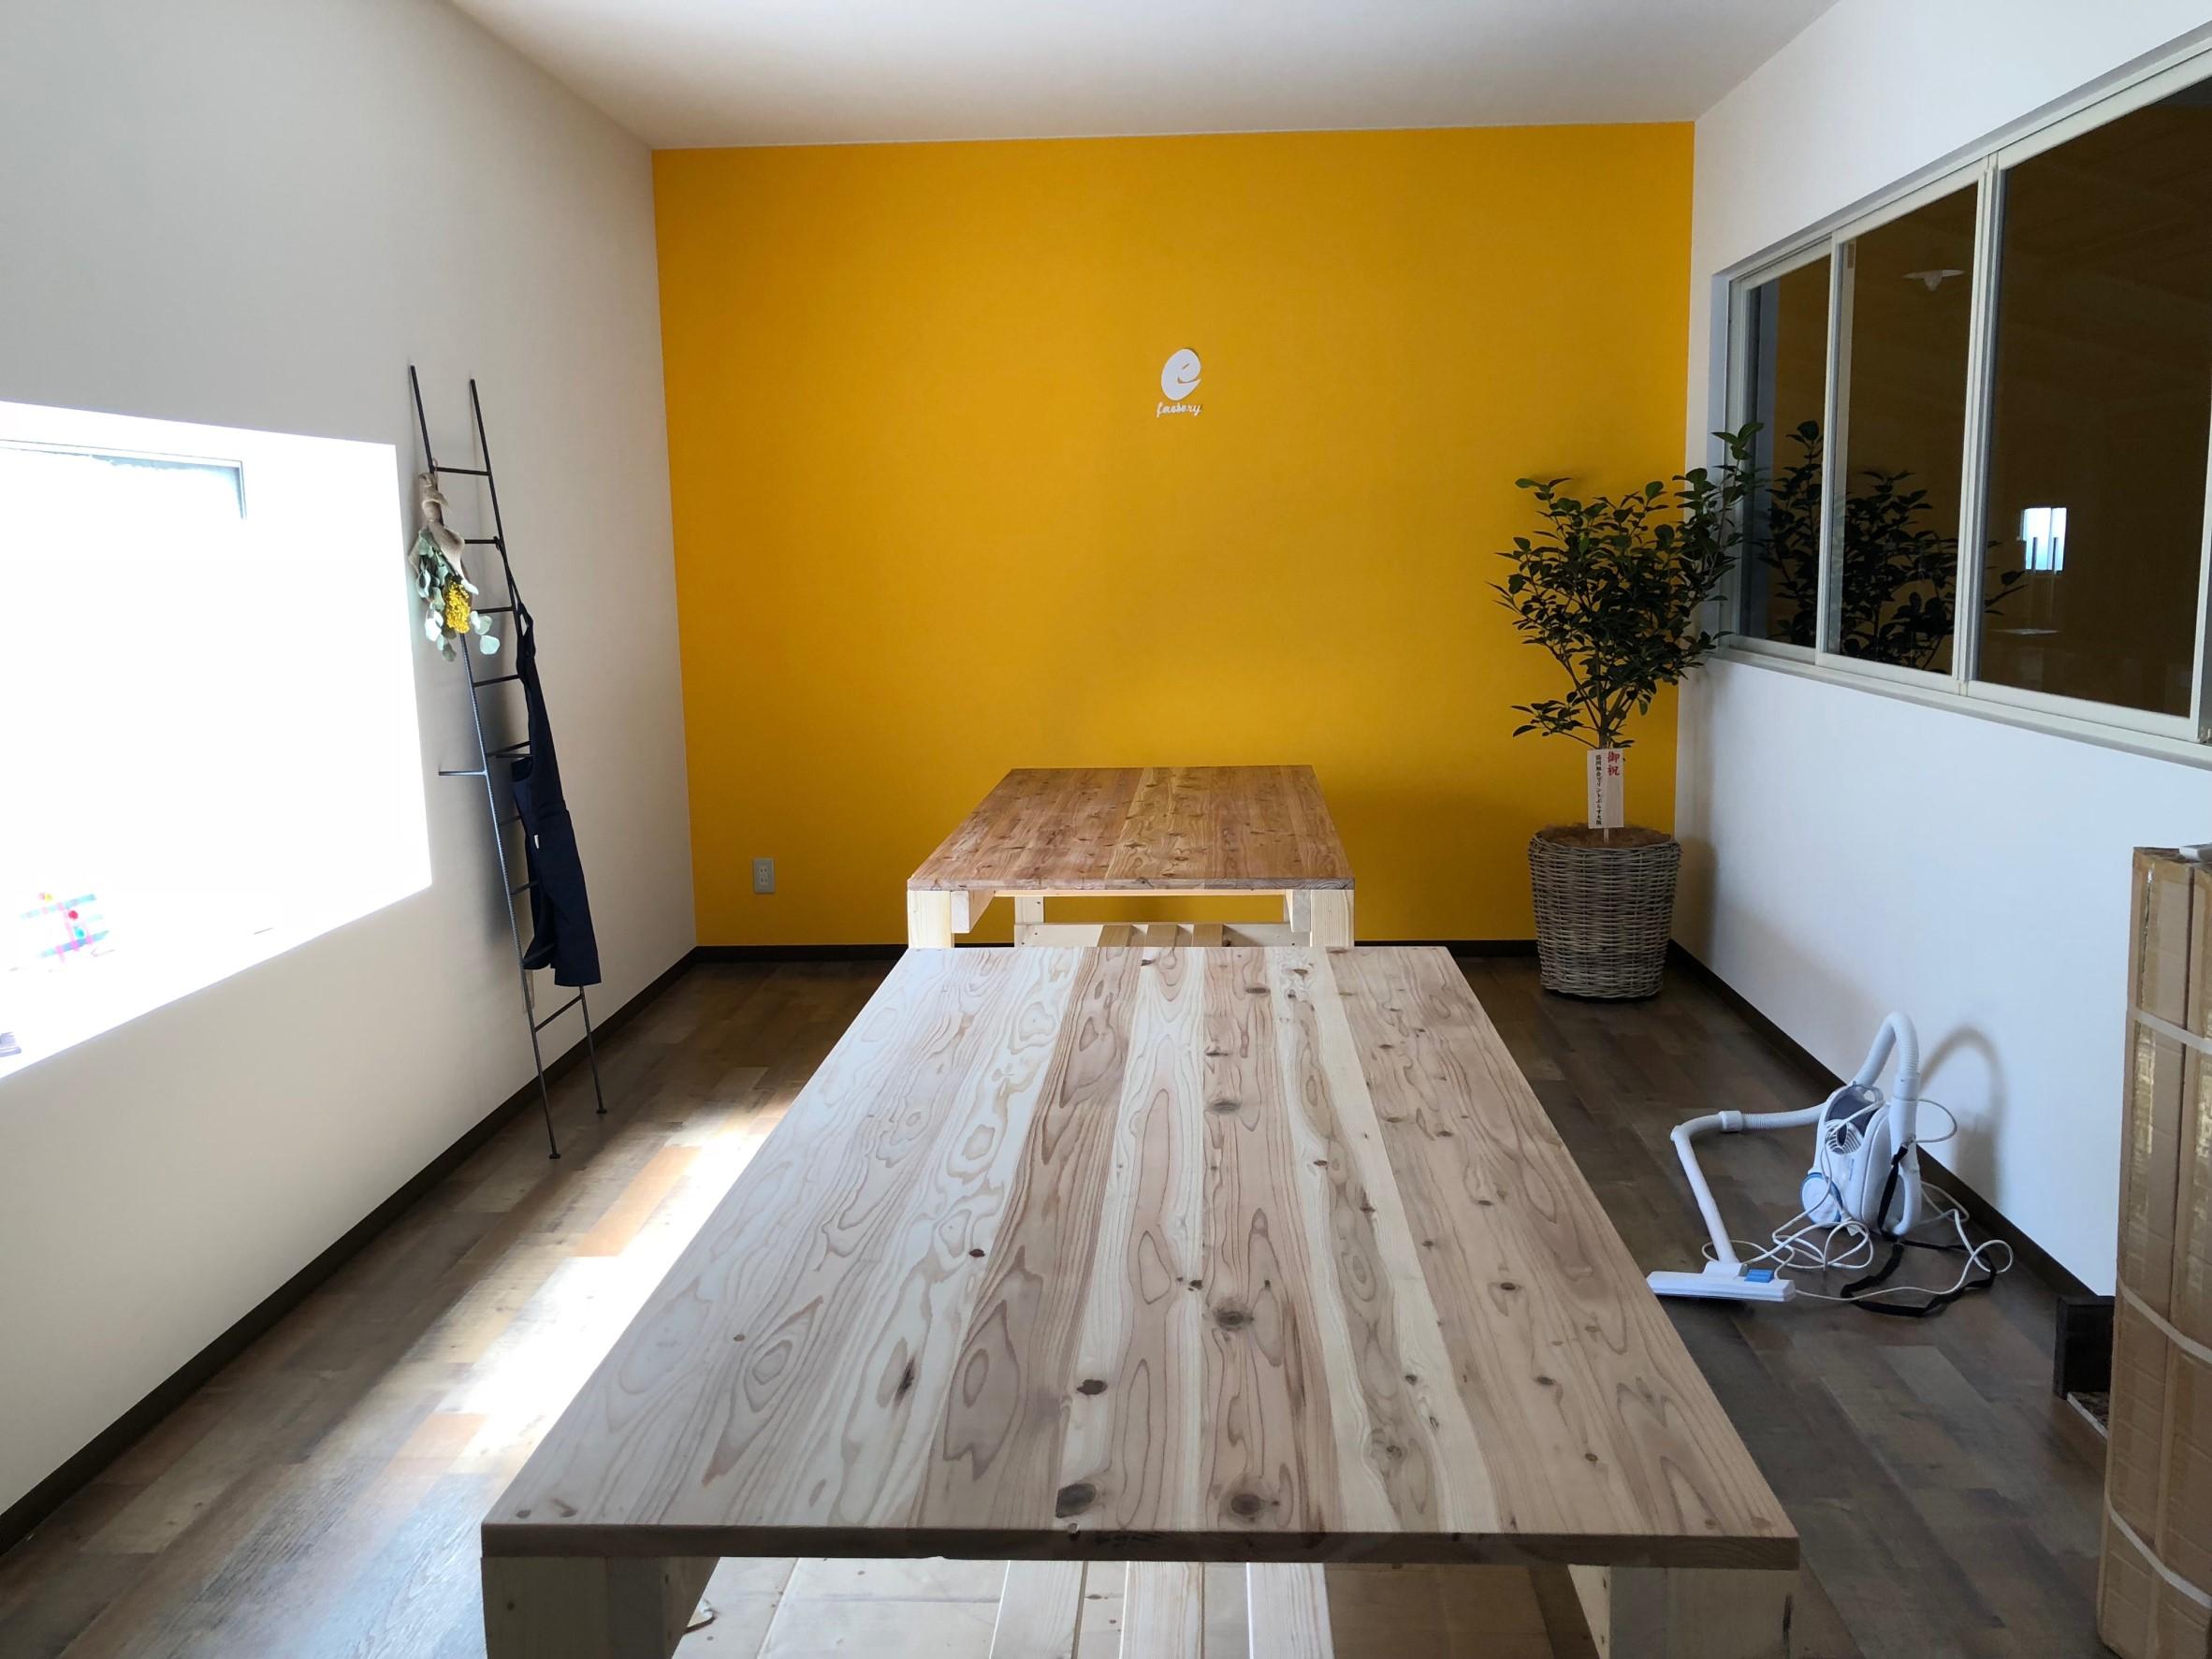 新しい事務所だんだん出来上がってきています️(*´꒳`*)#クラフトルーム #efactory #diy #手作り机 #心機一転頑張ろう